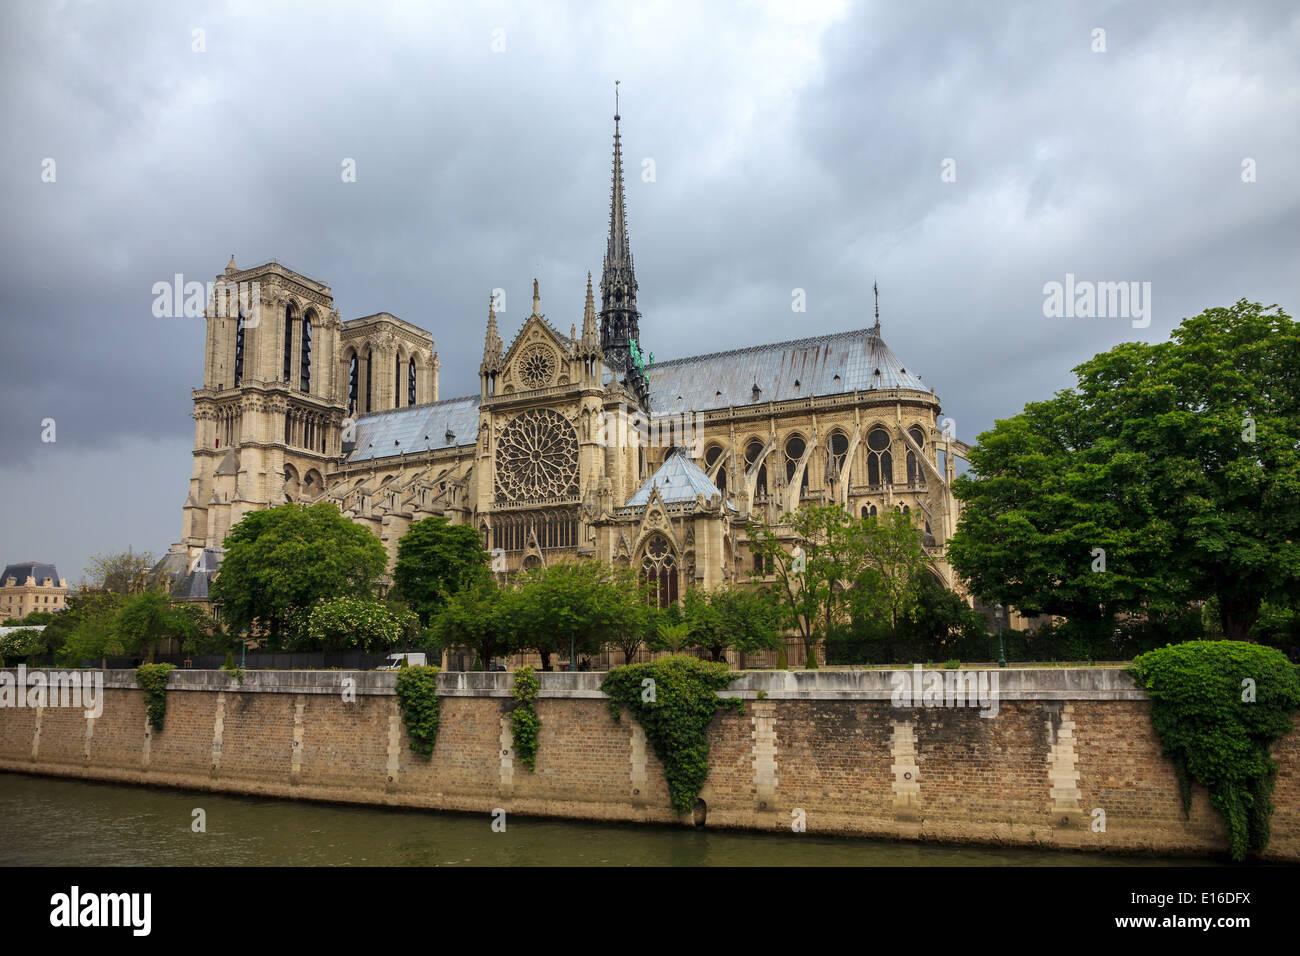 Die südliche Fassade der Kathedrale von Notre Dame de Paris Stockfoto